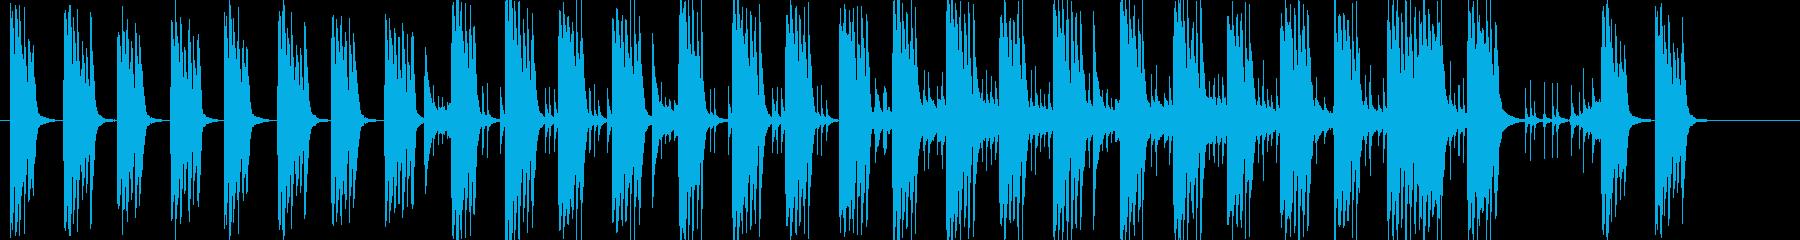 思案/思考や推理中用BGMの再生済みの波形